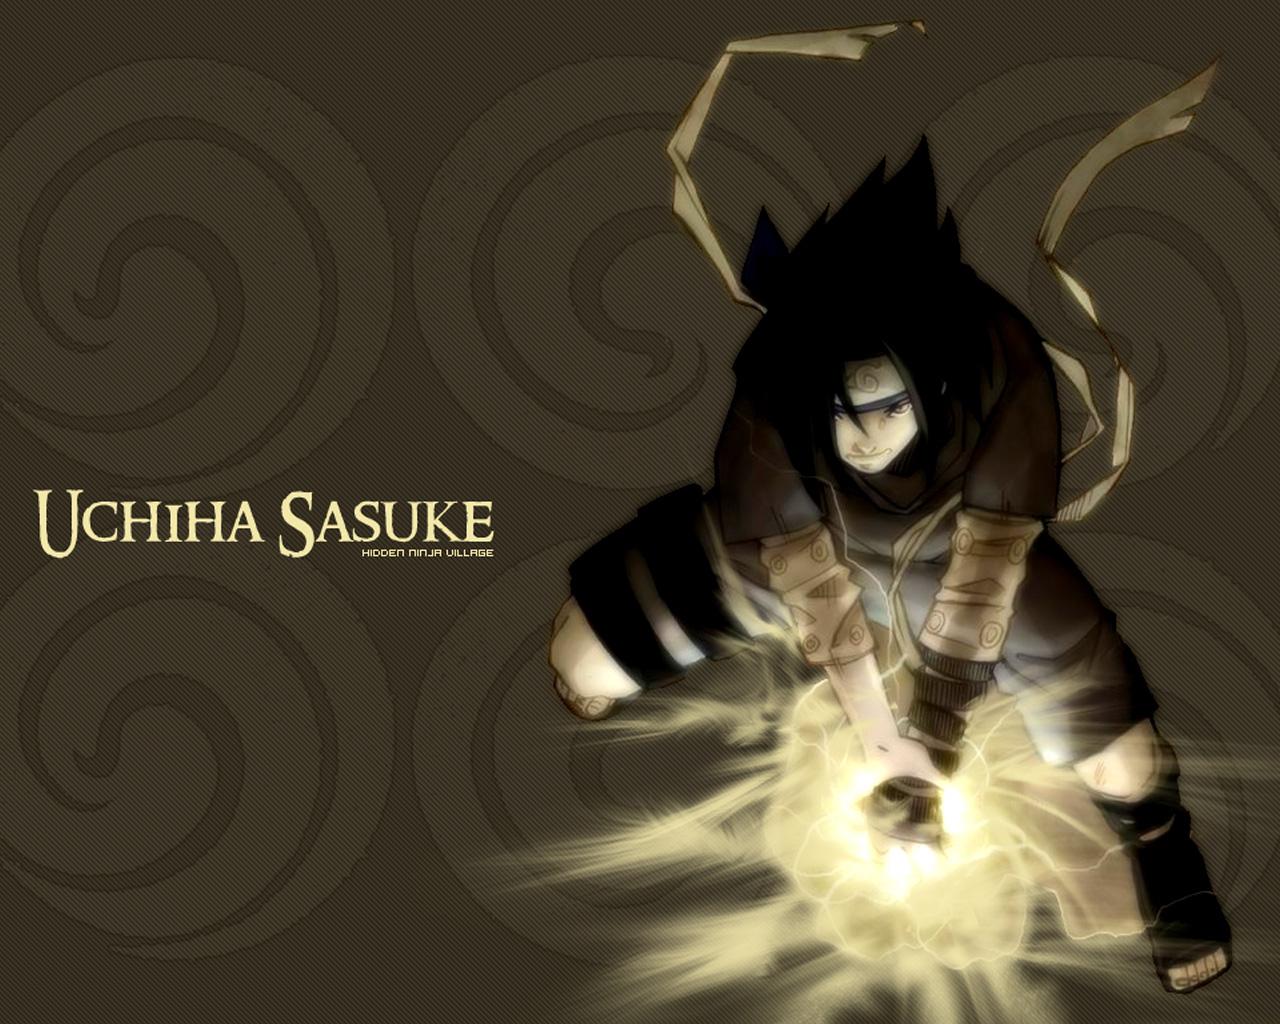 10uchiha sasuke pics wallpaperhtml With the title Uchiha Sasuke 1280x1024